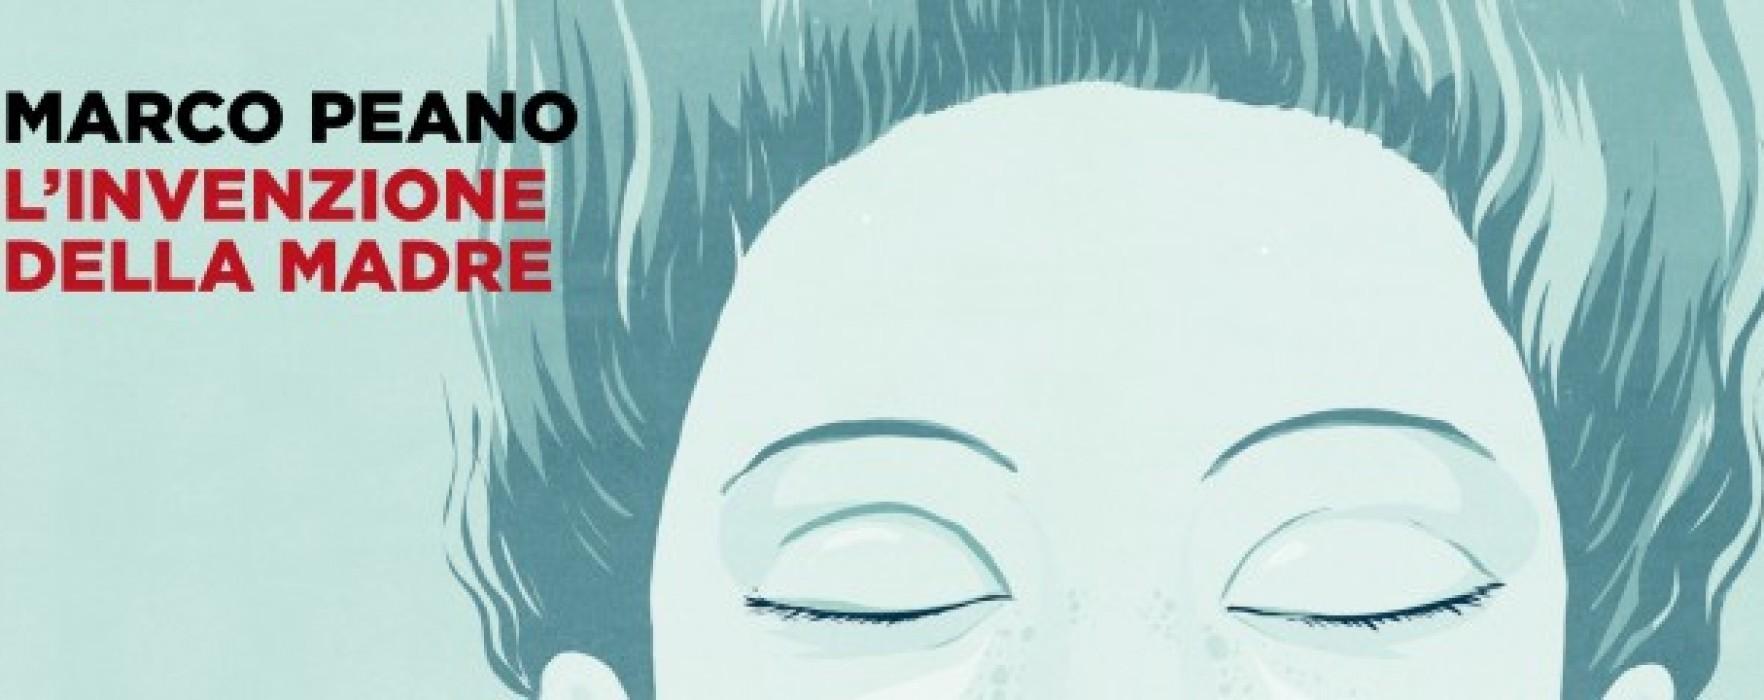 """""""L'invenzione della madre"""" di Marco Peano. Quando la malattia invade la vita"""